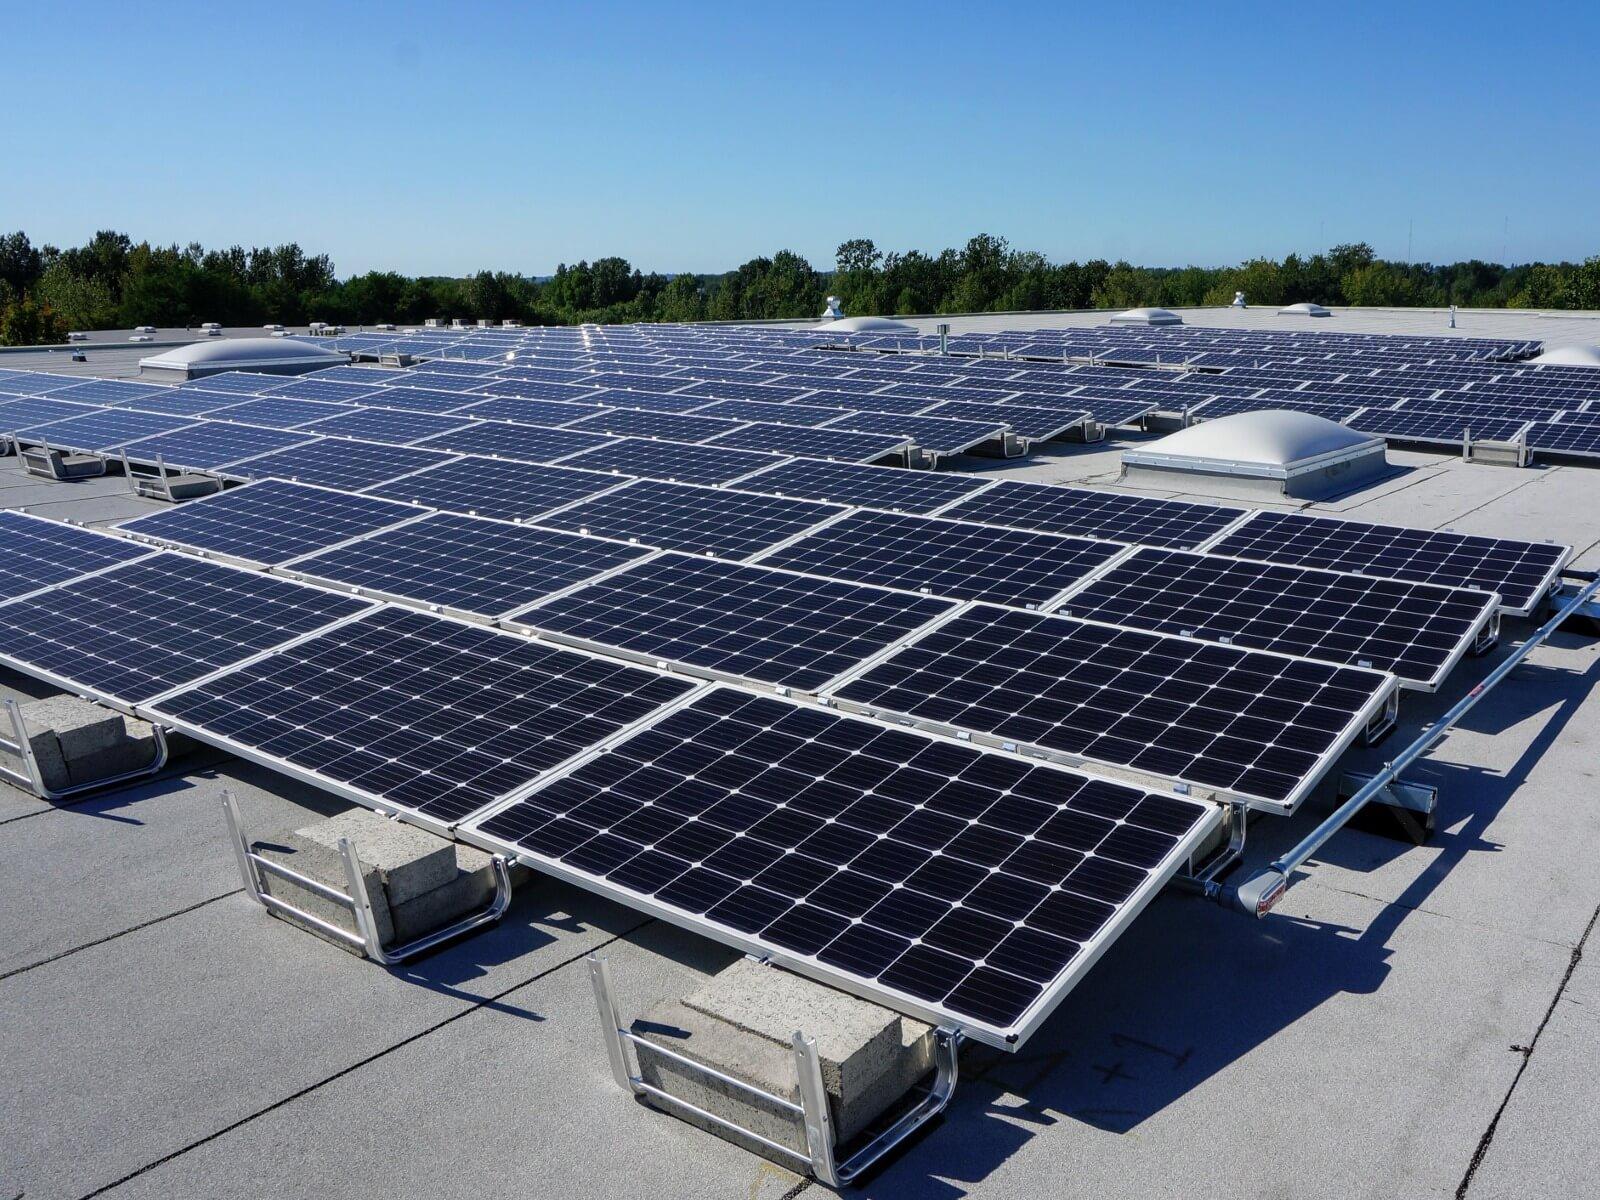 seko logistics commercial roof solar panels.jpeg